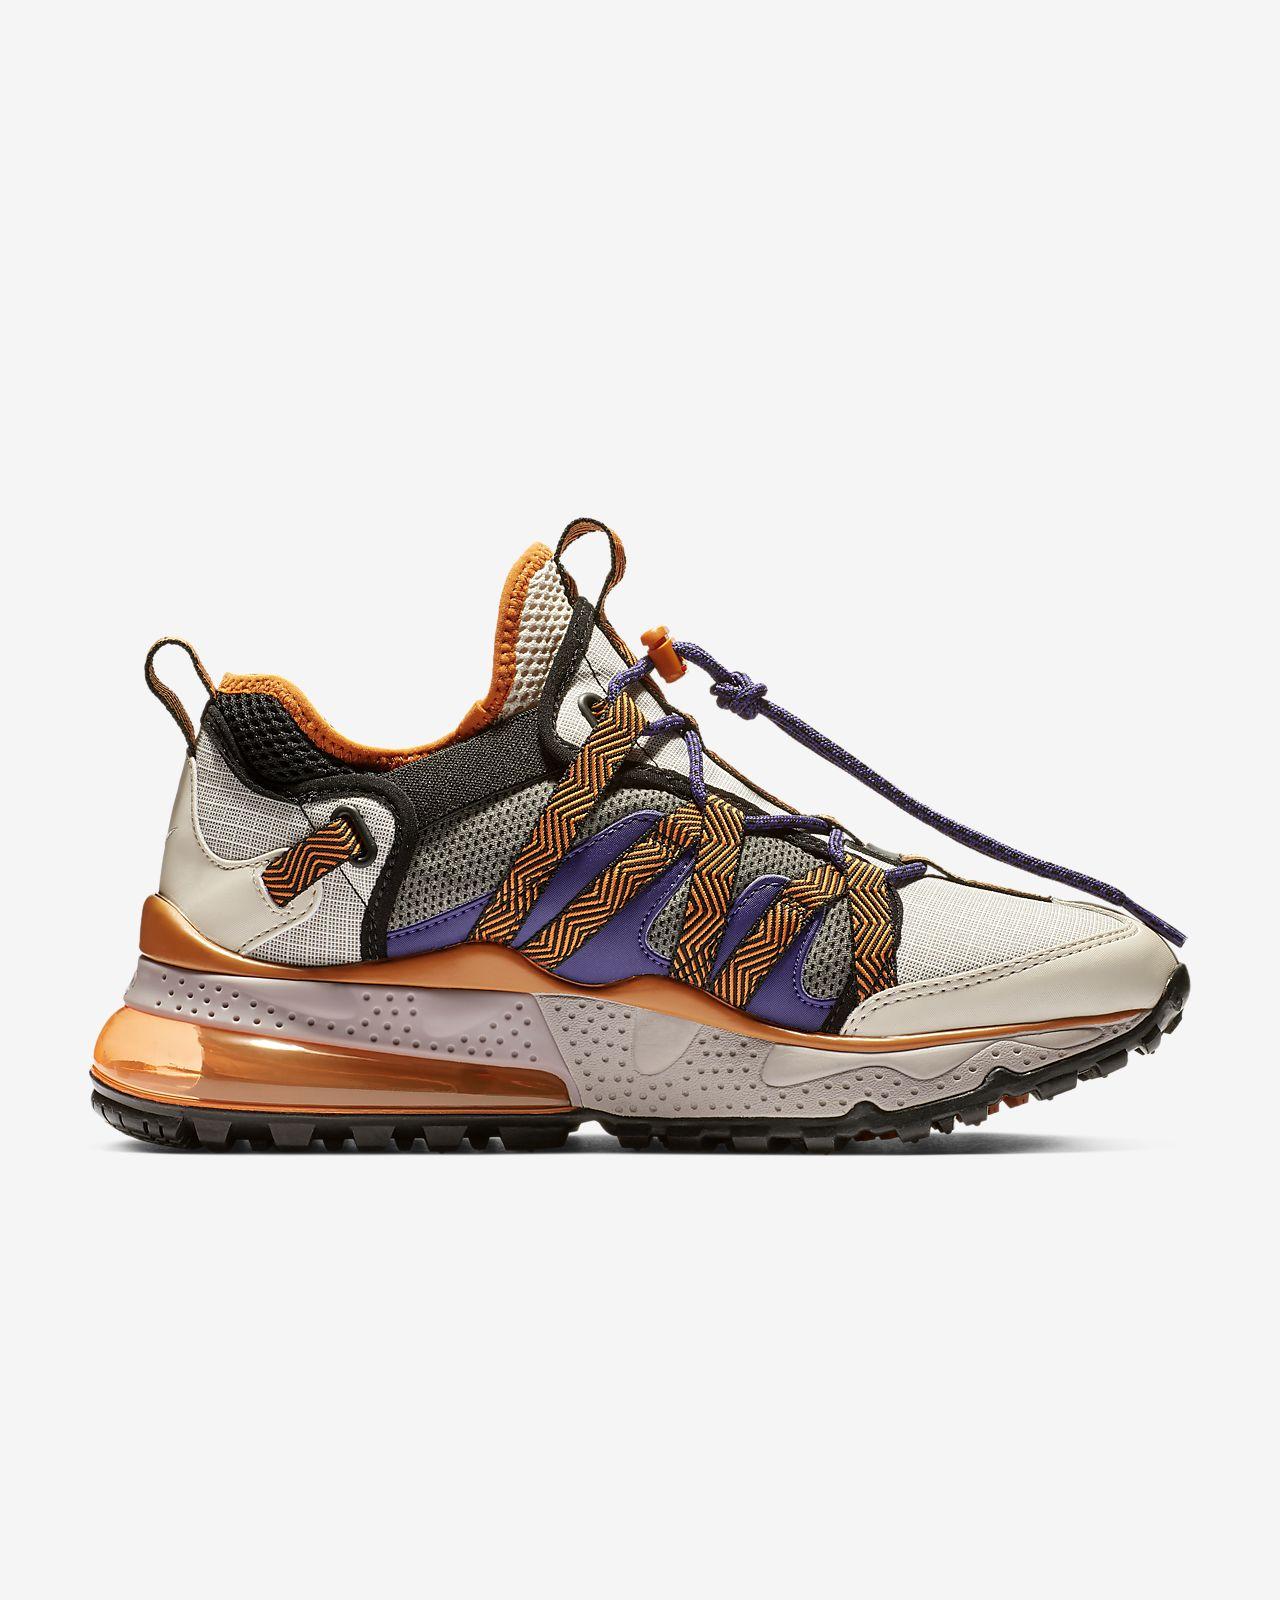 84ab2b31b14d1 Nike Air Max 270 Bowfin Men s Shoe nike id air max 270 bowfin